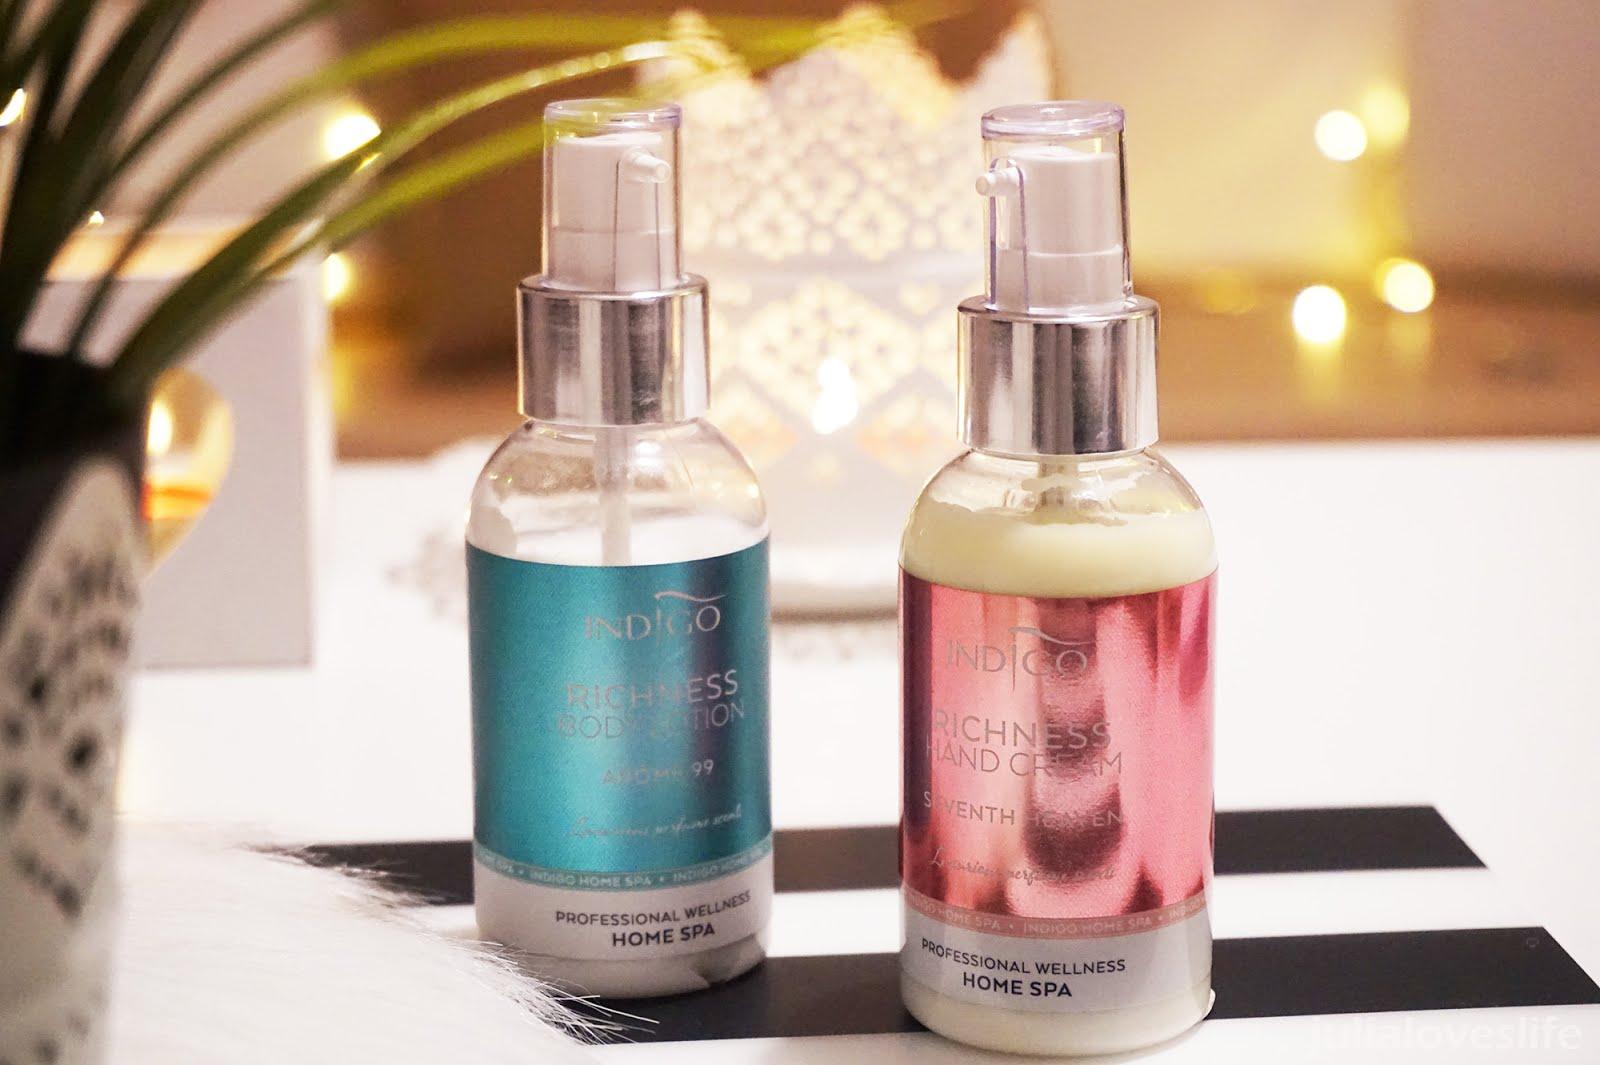 Indigo Home Spa | Richness Hand Cream & Richness Body Lotion - recenzja produktów do pielęgnacji